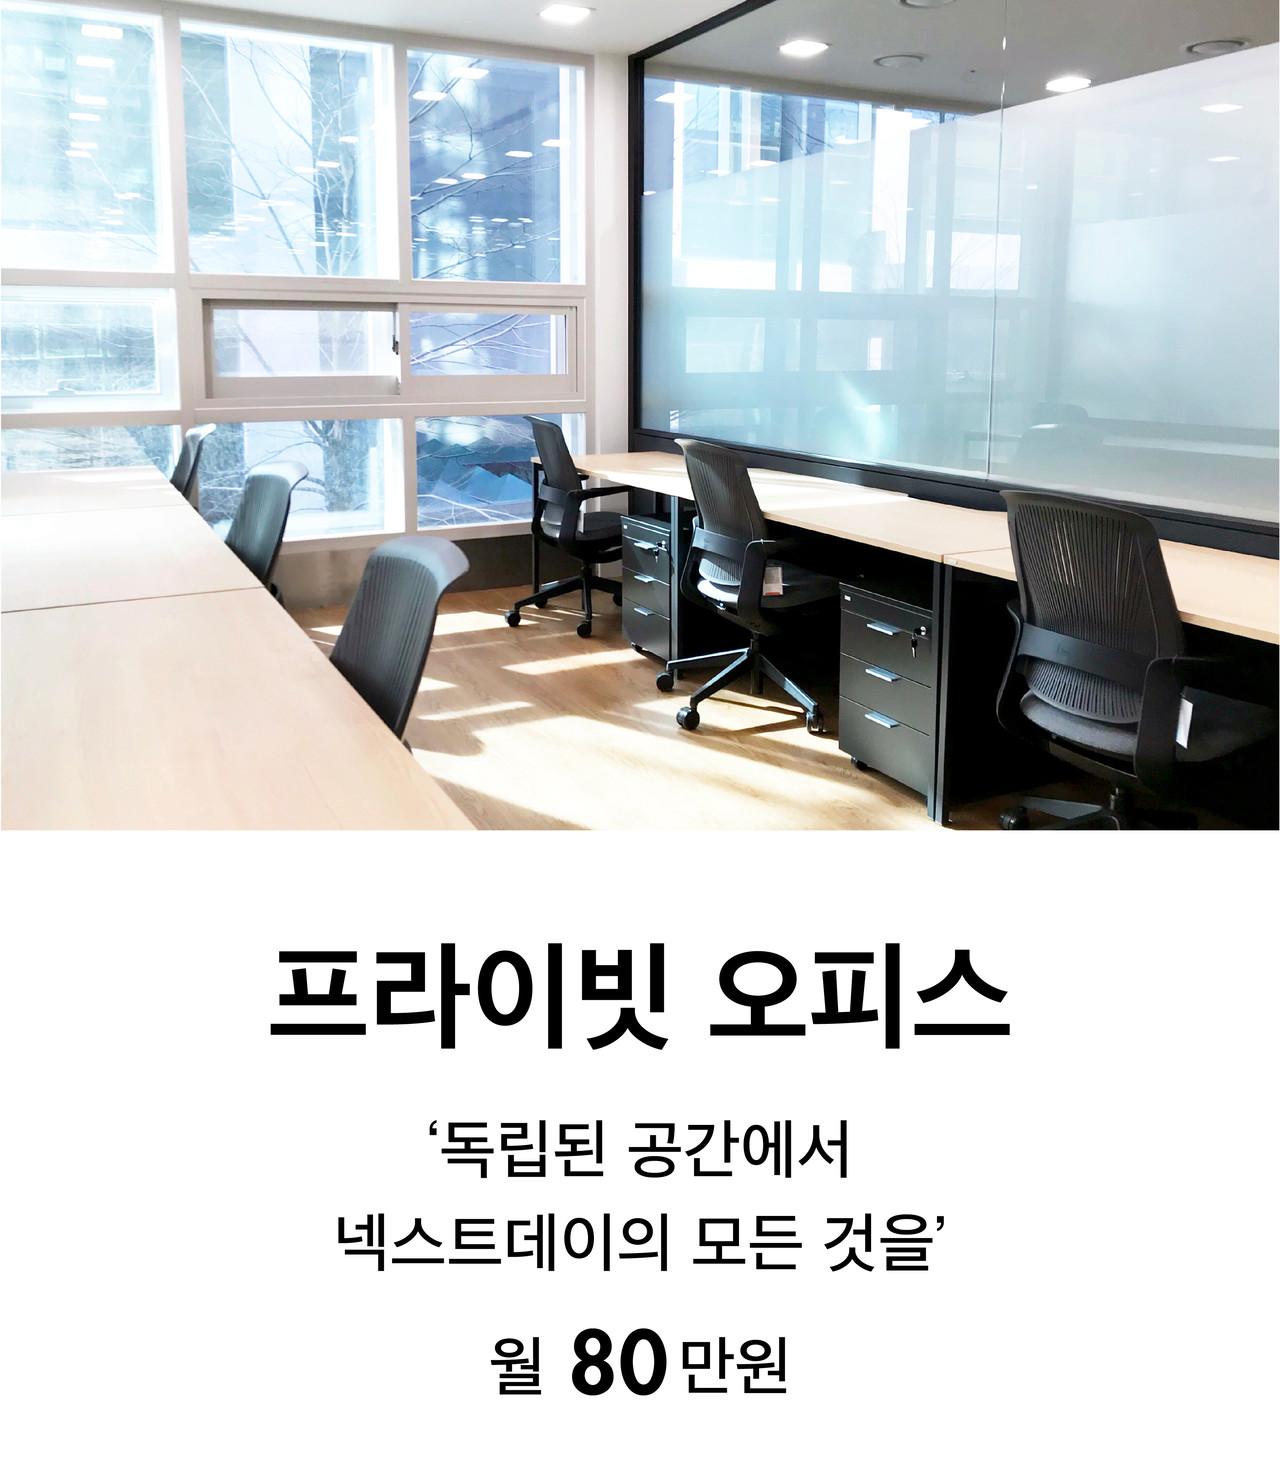 넥스트데이 멤버십 - 프라이빗 오피스